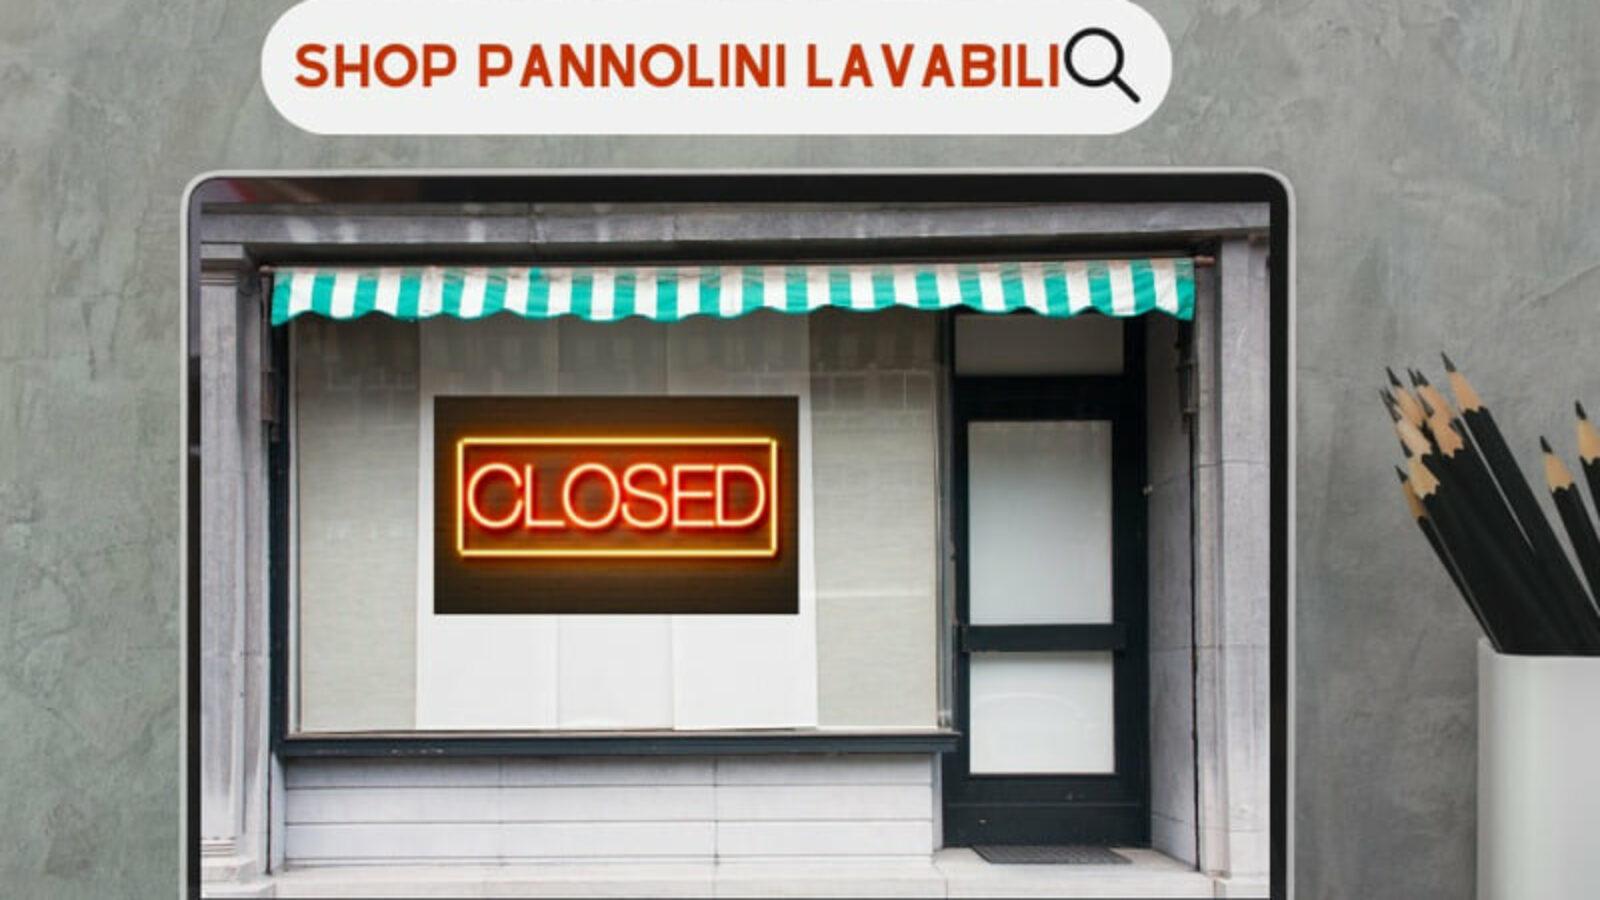 #pagenotfound, salvate i piccoli negozi di pannolini lavabili!